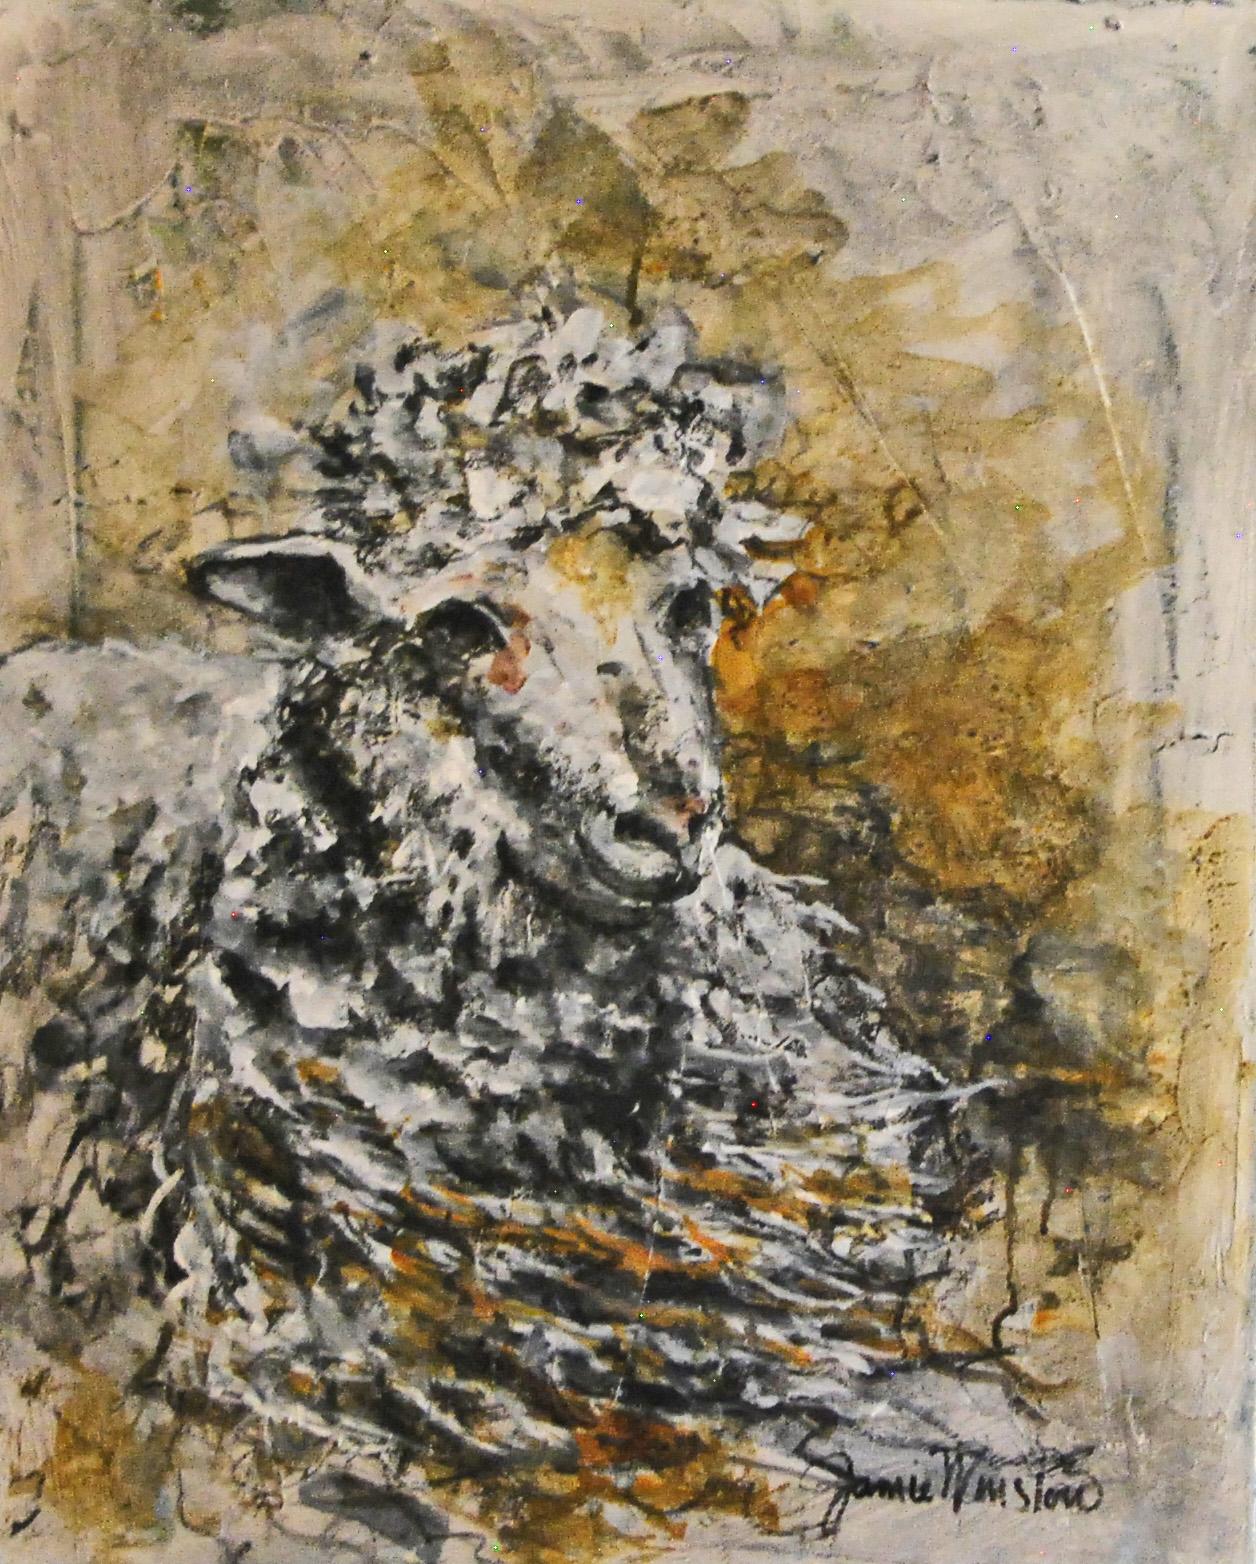 Jamie Winslow: Churro Lamb